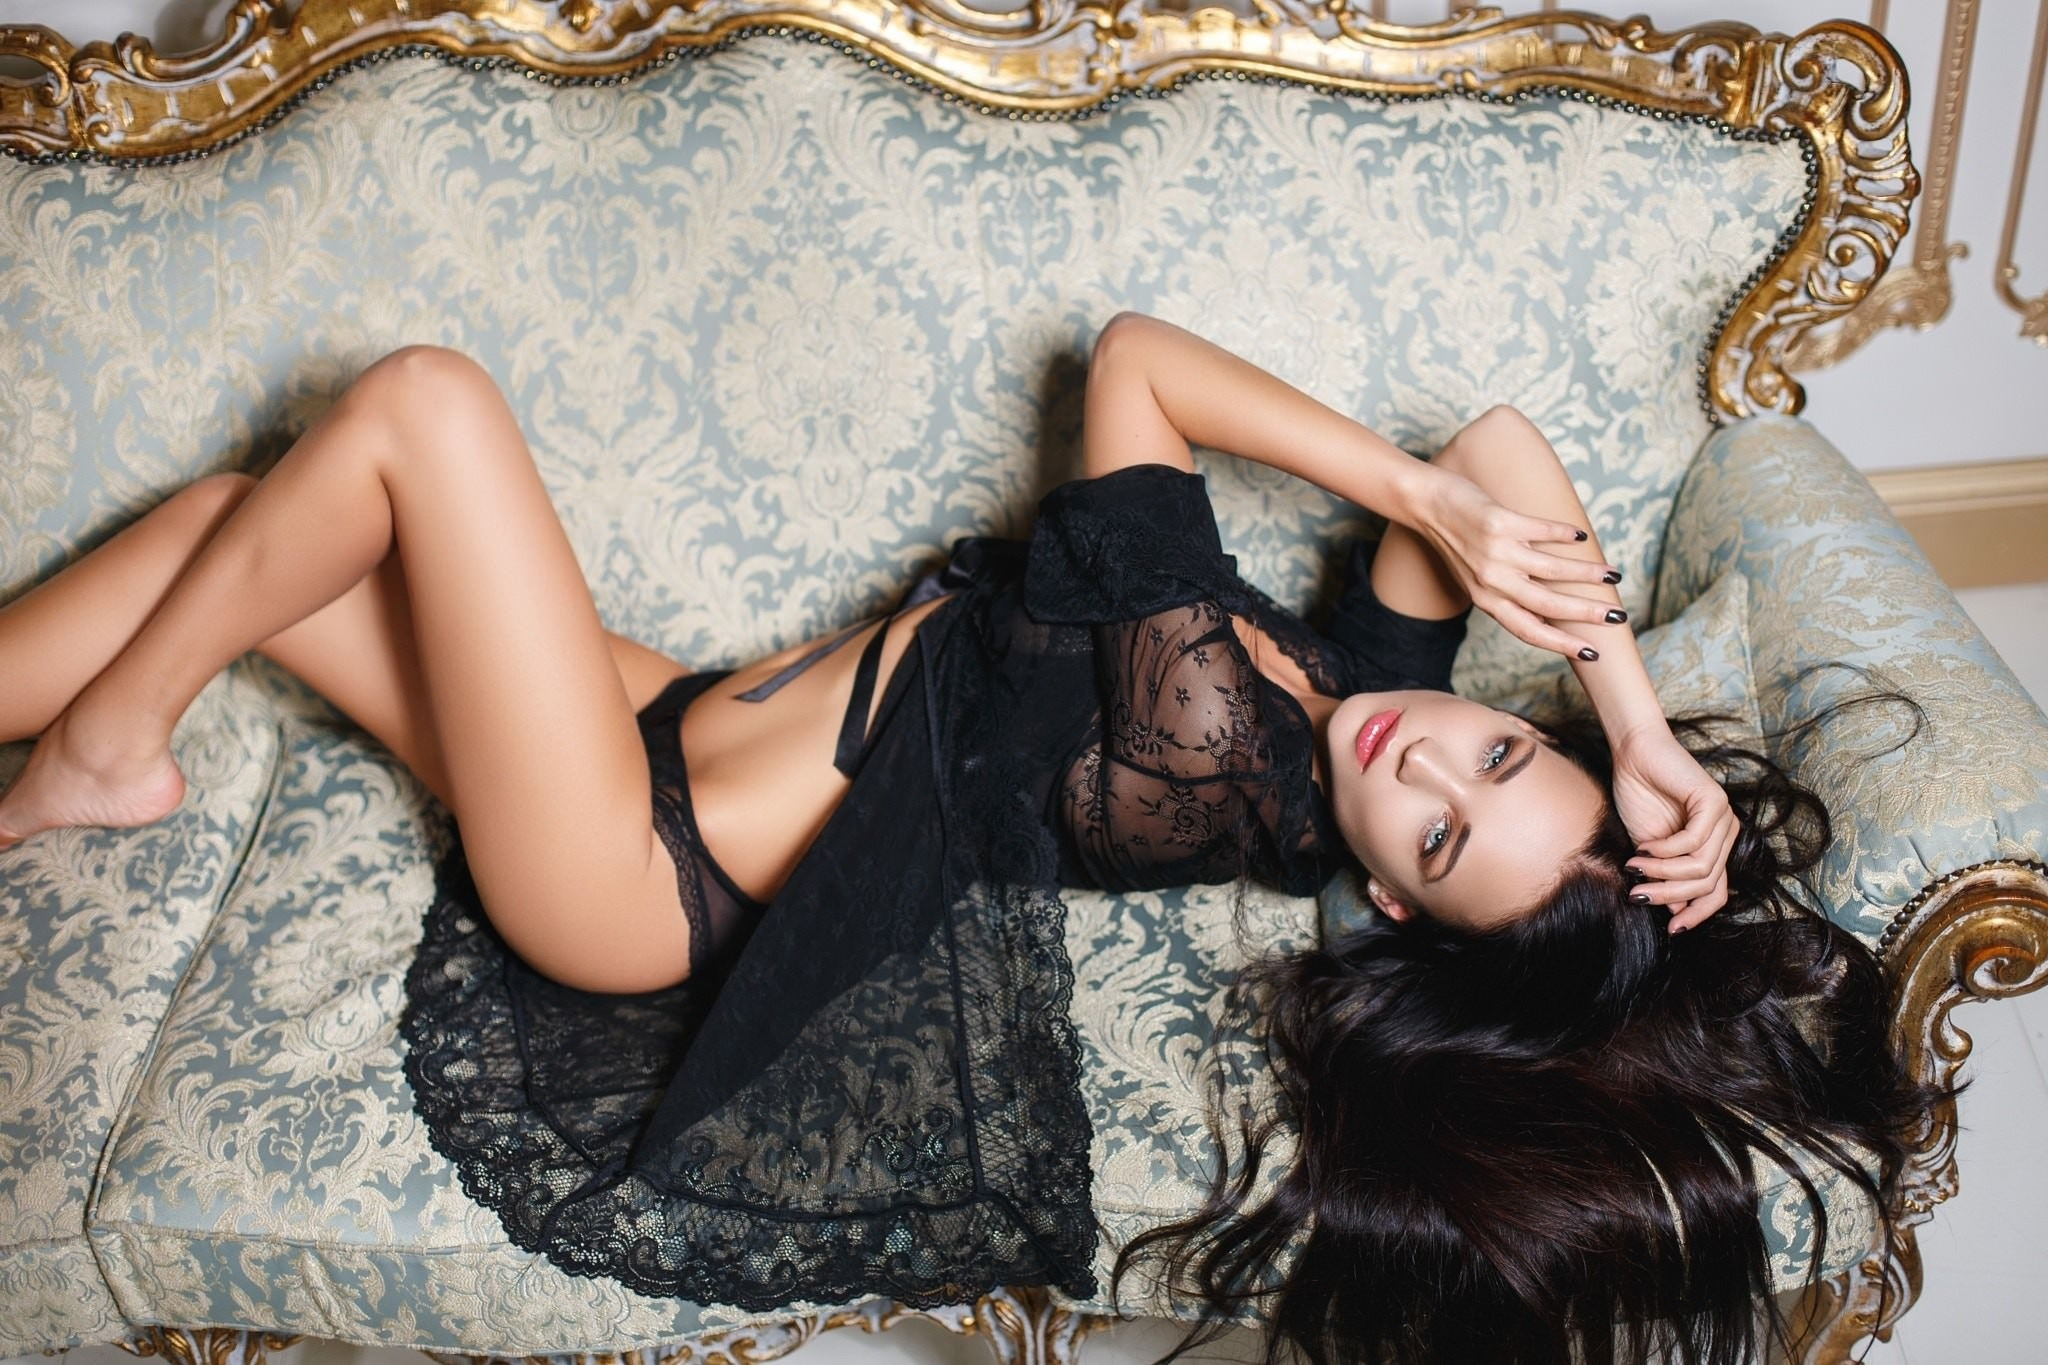 Фото Брюнетка в эротическом белье, черная ночнушка, трусики, диванчик с позолотой, красивые ножки, скачать картинку бесплатно